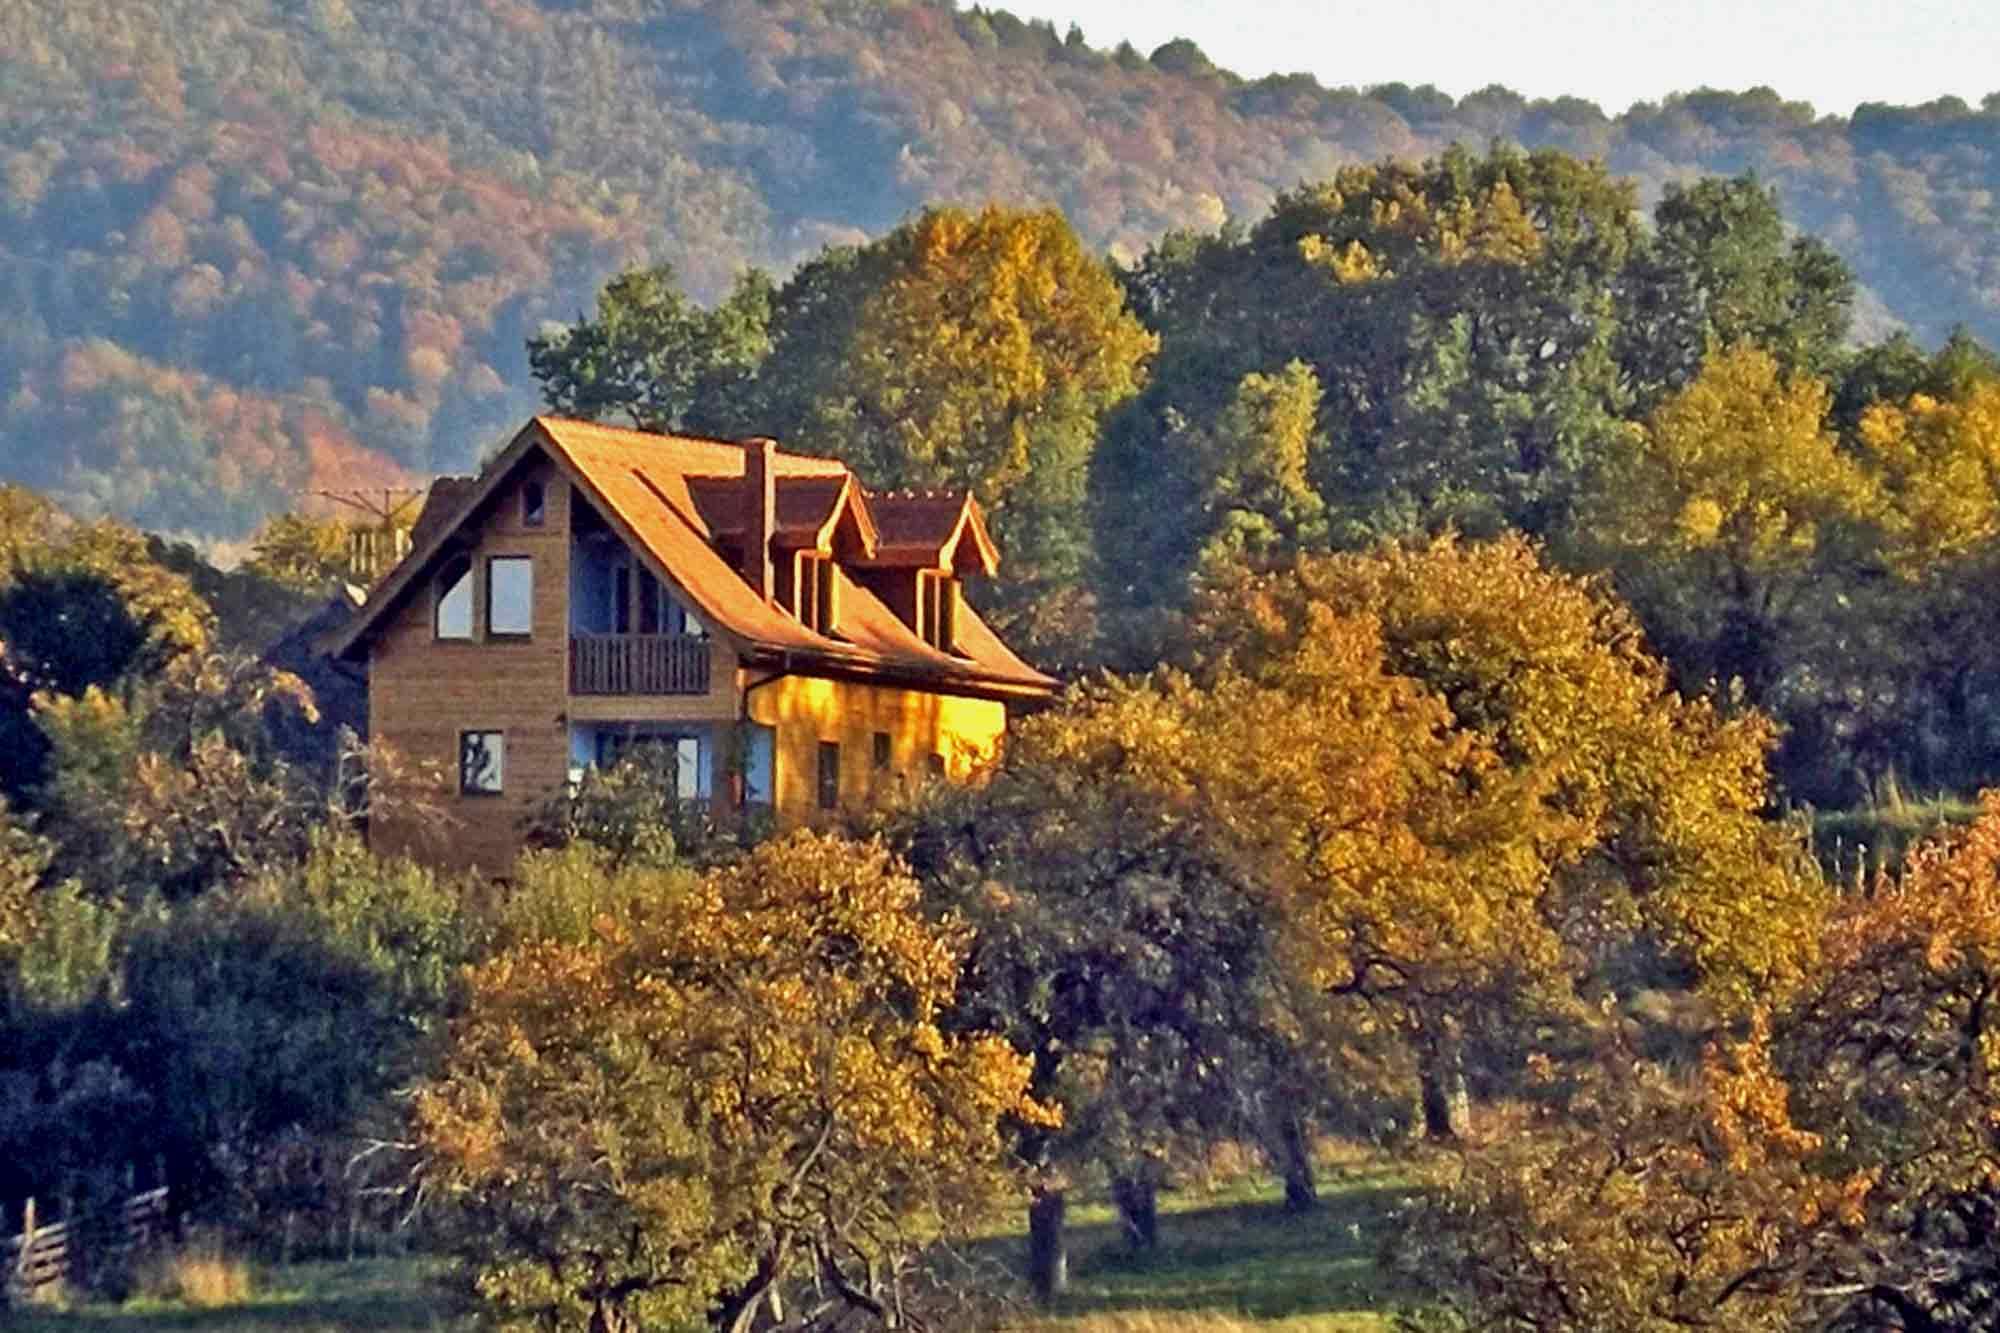 private unterkunft karpaten siebenbürgen | rumänien unterkünfte sibiu transsilvanien | casa ferienhaus hermannstadt